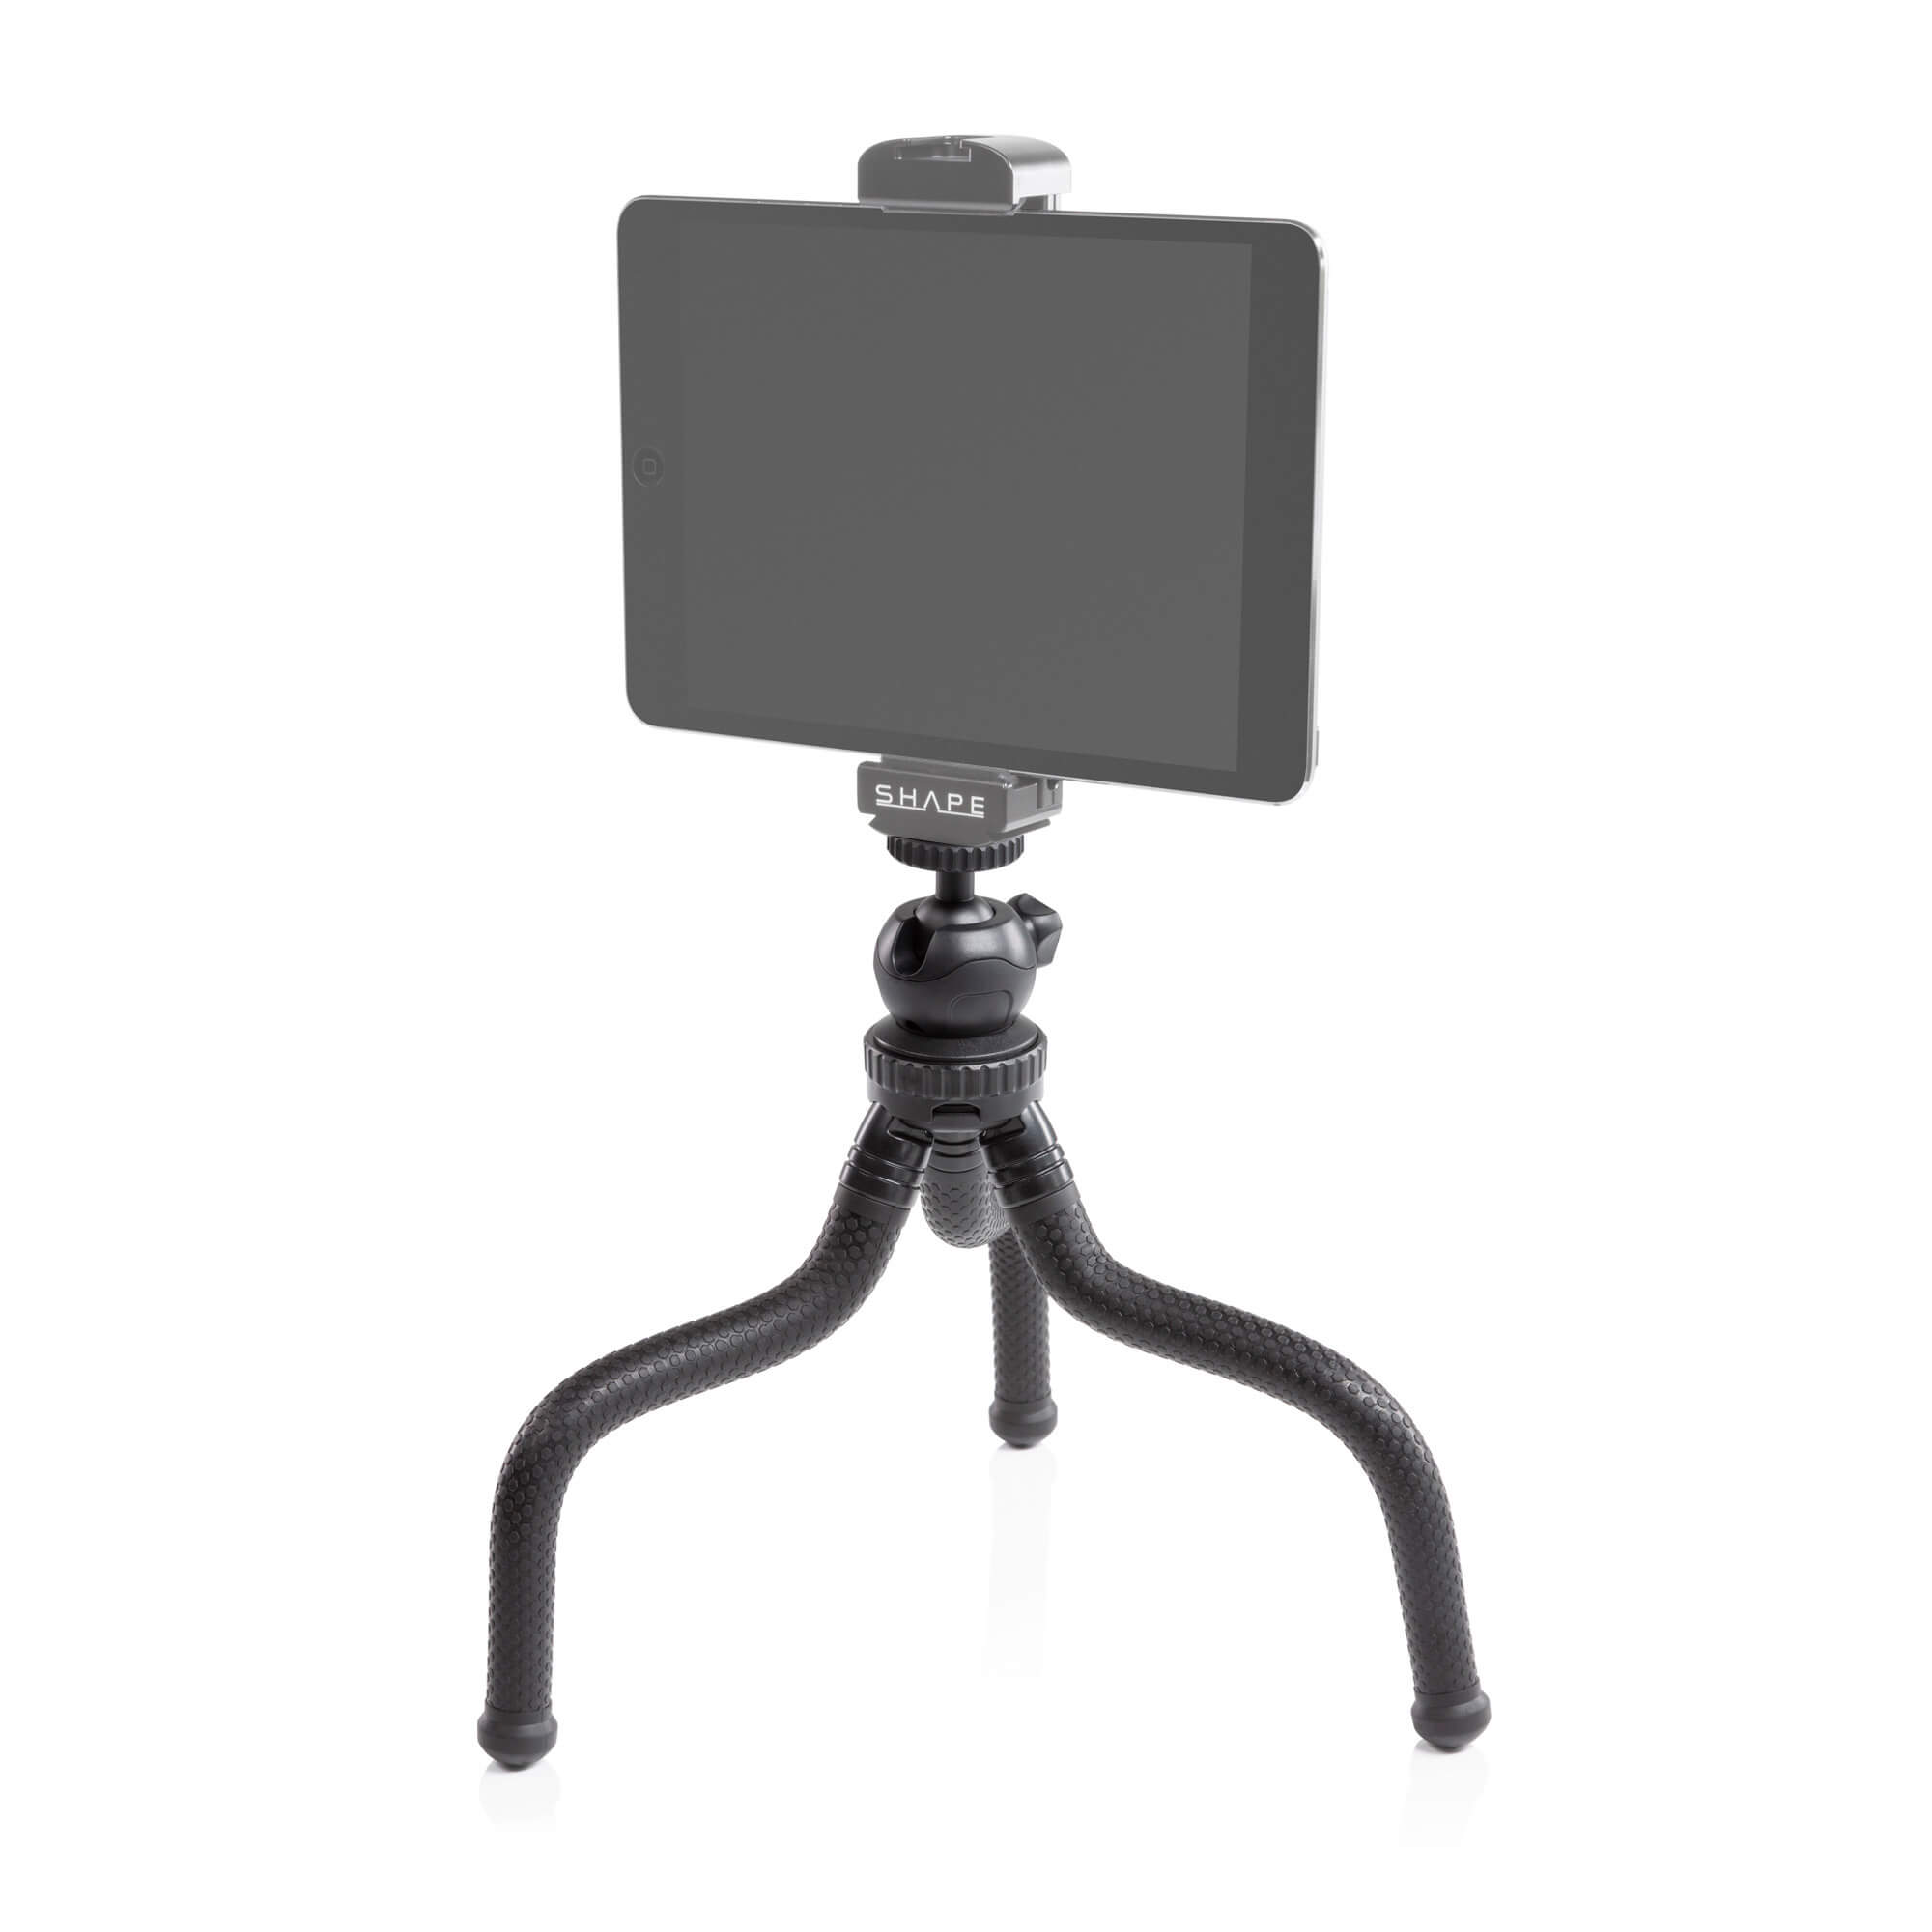 Trípode giratorio cabeza esférica DSLR Soporte de cabeza esférica para cámara